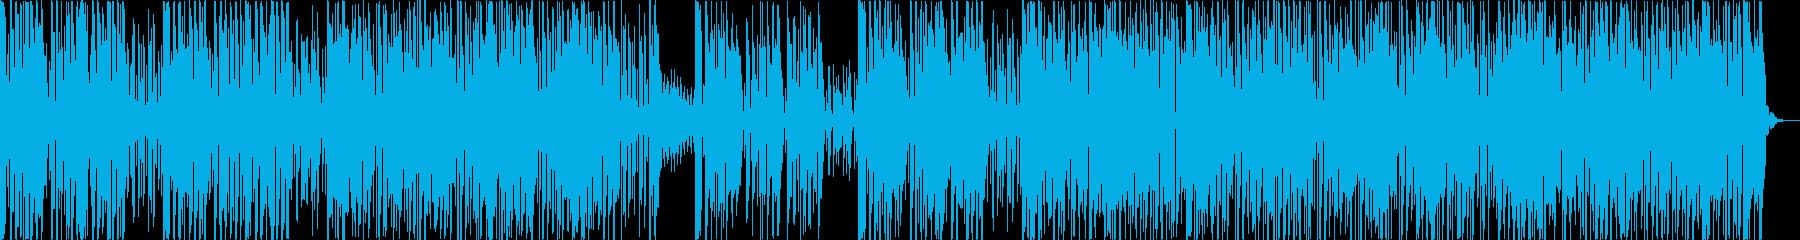 アップテンポで急かされるBGMの再生済みの波形